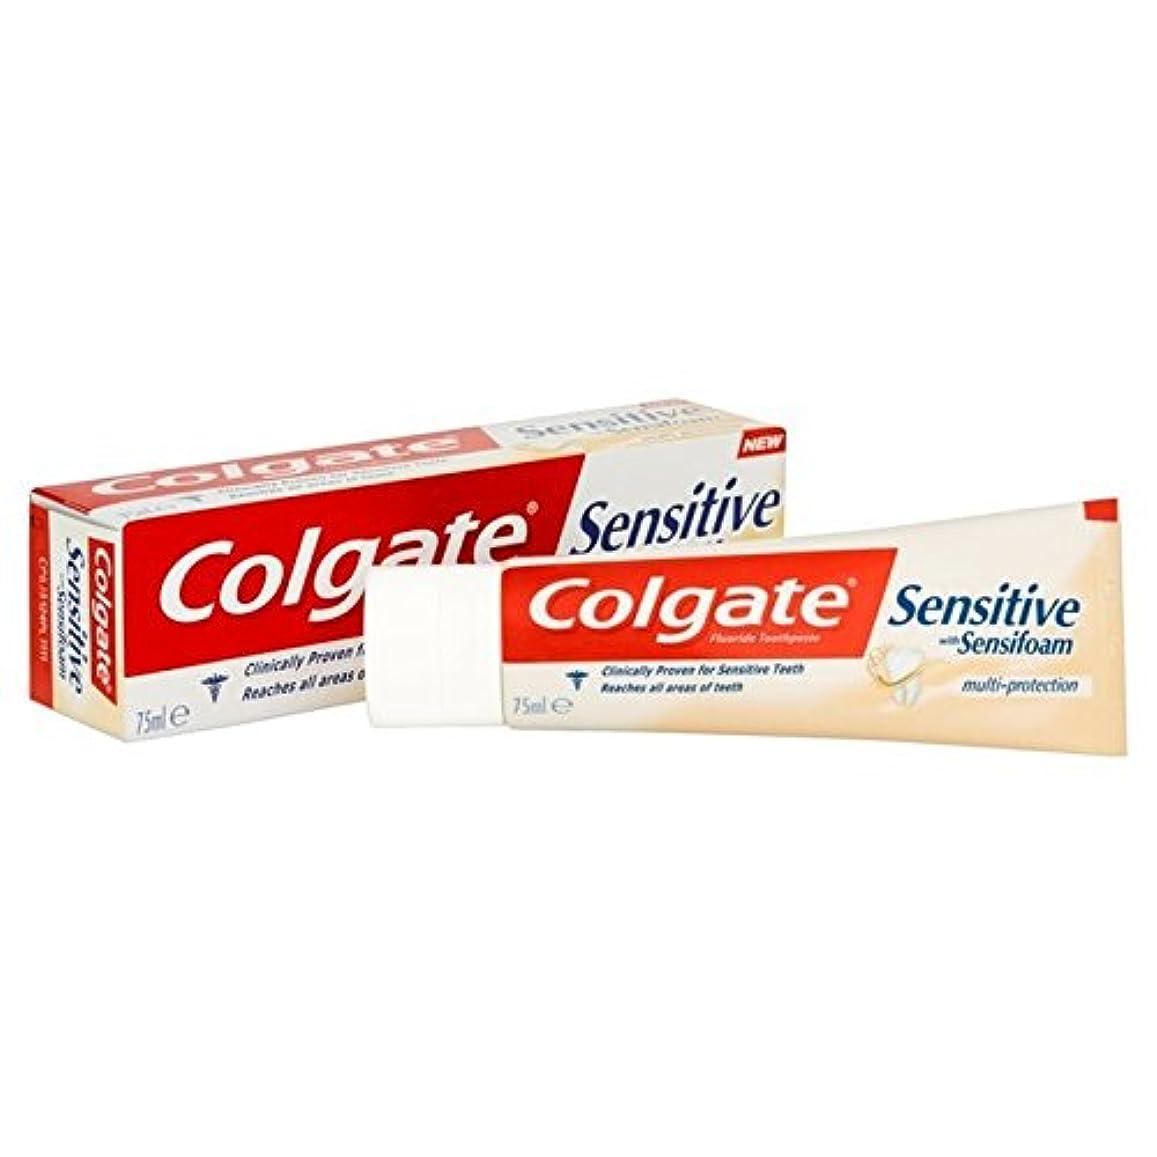 ピービッシュパラダイス乱闘Colgate Sensitive Foam Multi Protect Toothpaste 75ml - コルゲート敏感な泡は、マルチ歯磨き粉75ミリリットルを保護します [並行輸入品]